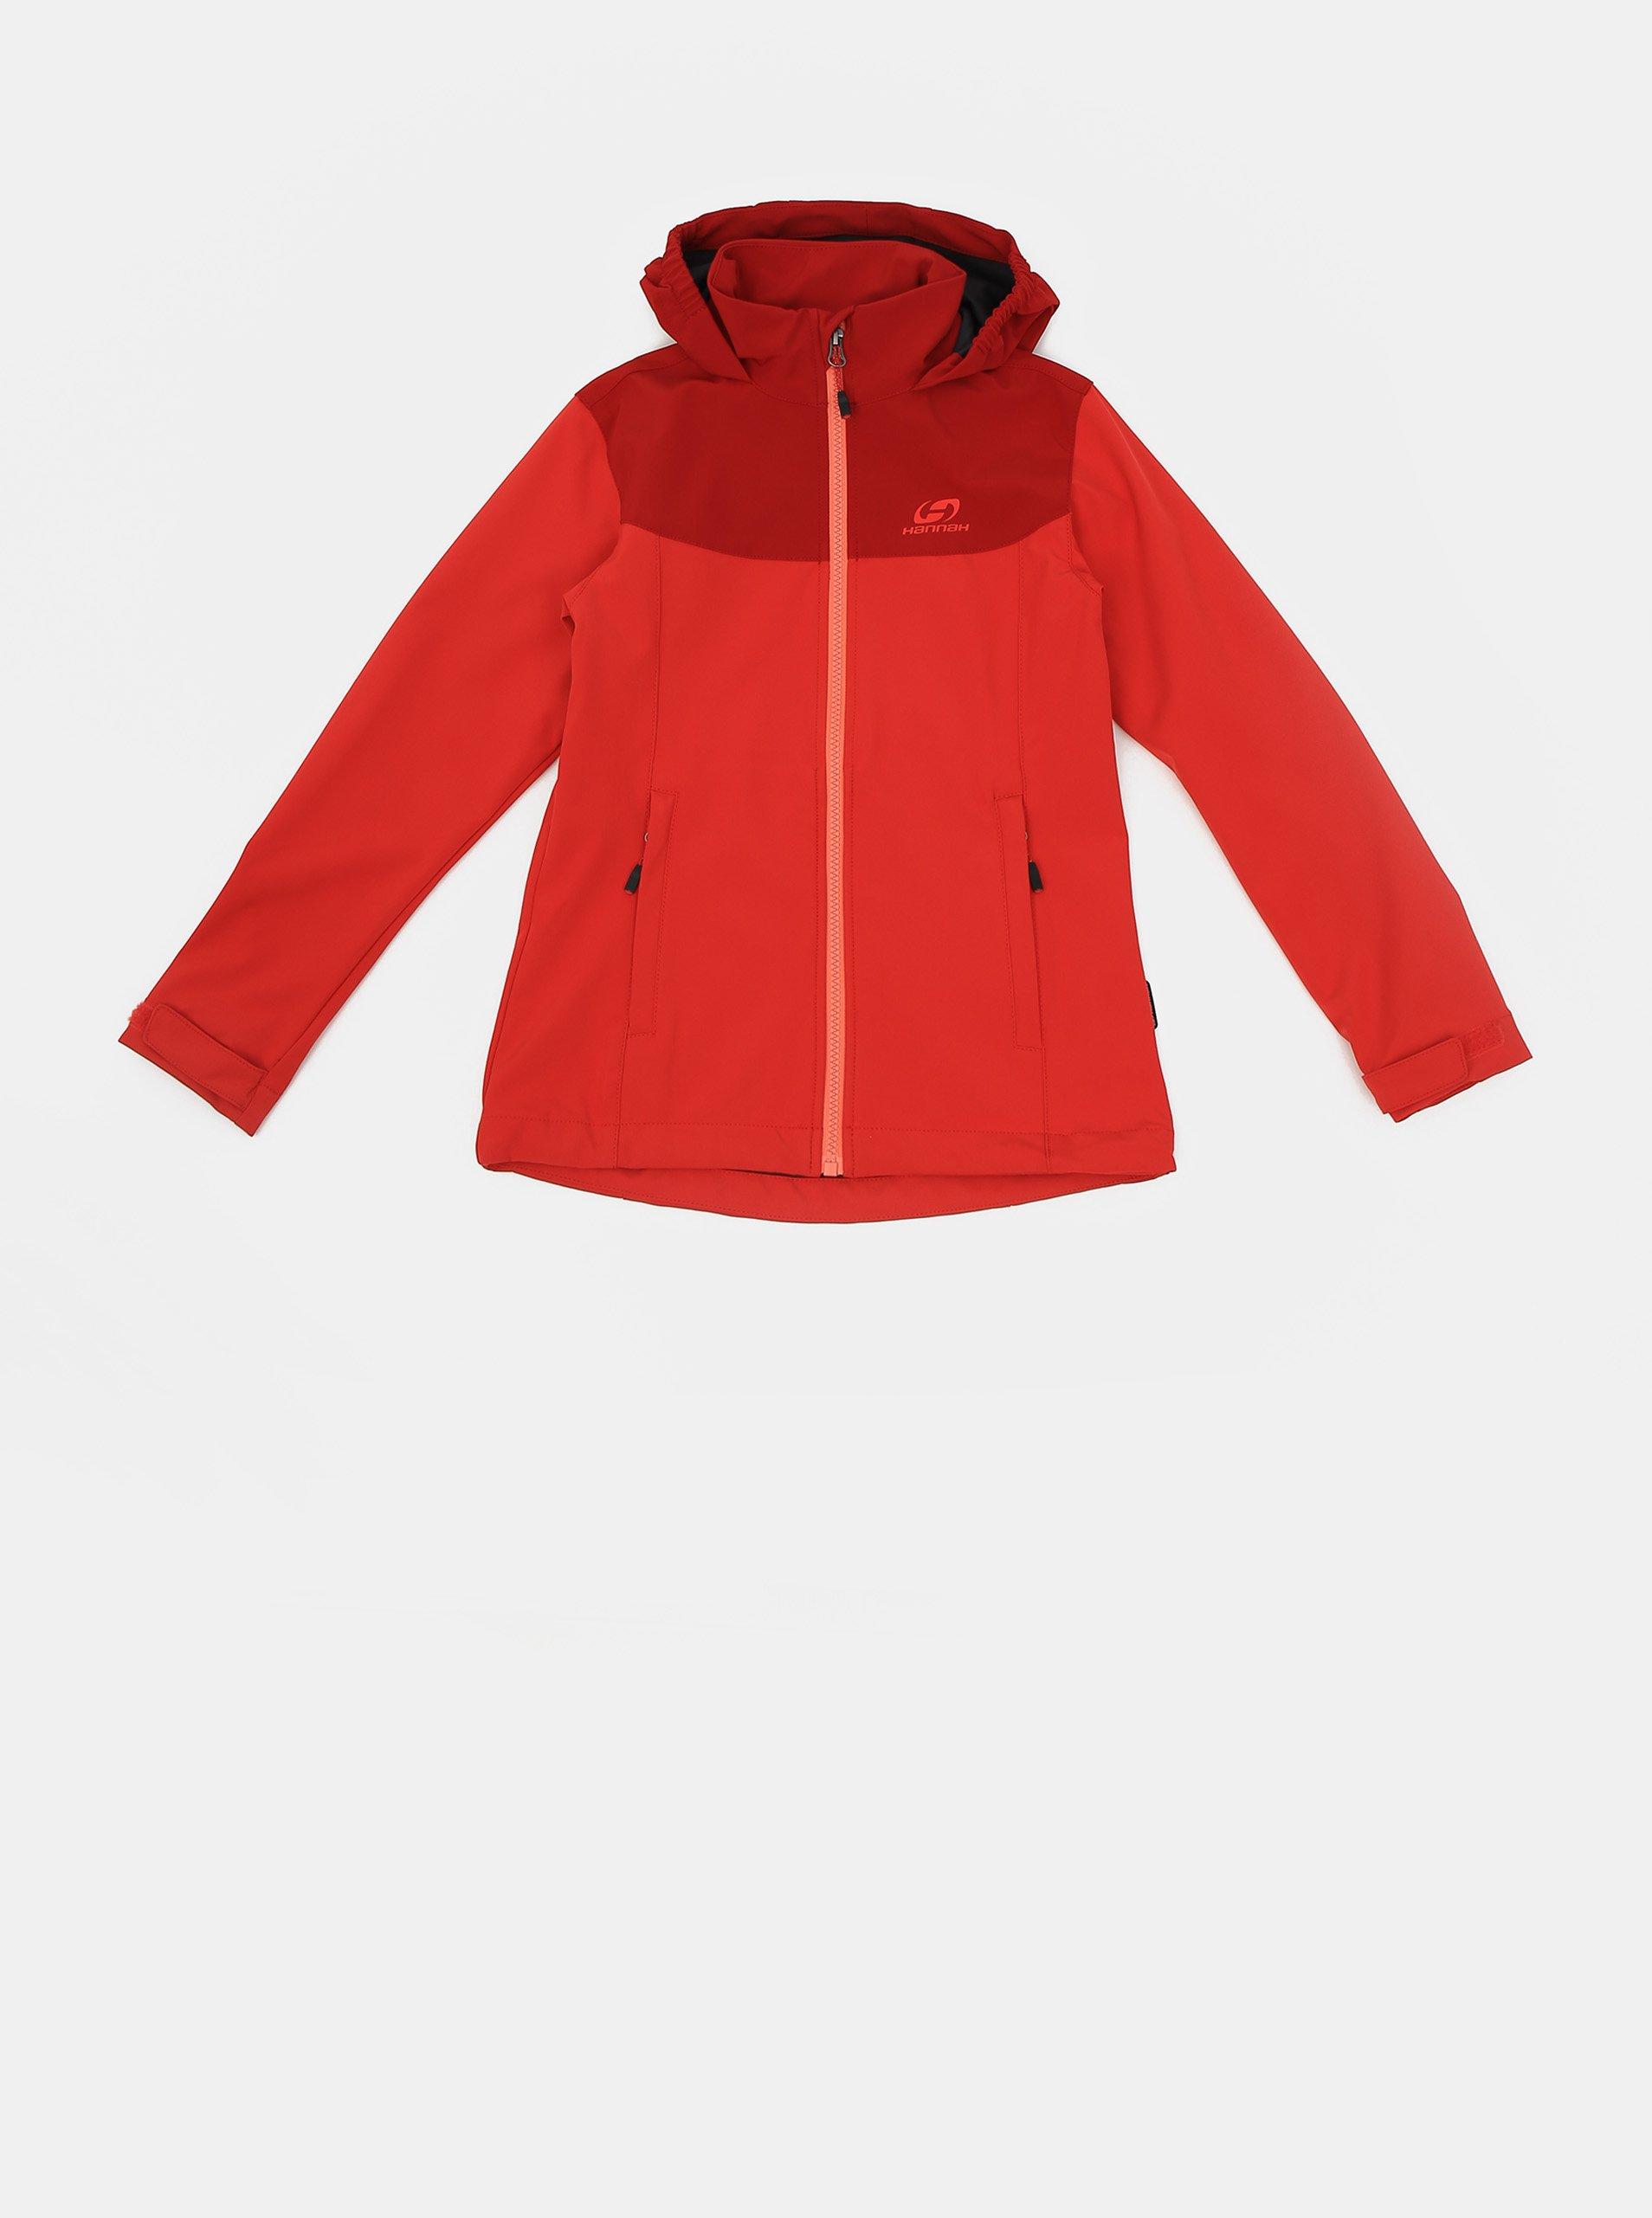 Červená dievčenská softshellová vodeodolná bunda Hannah Abona.